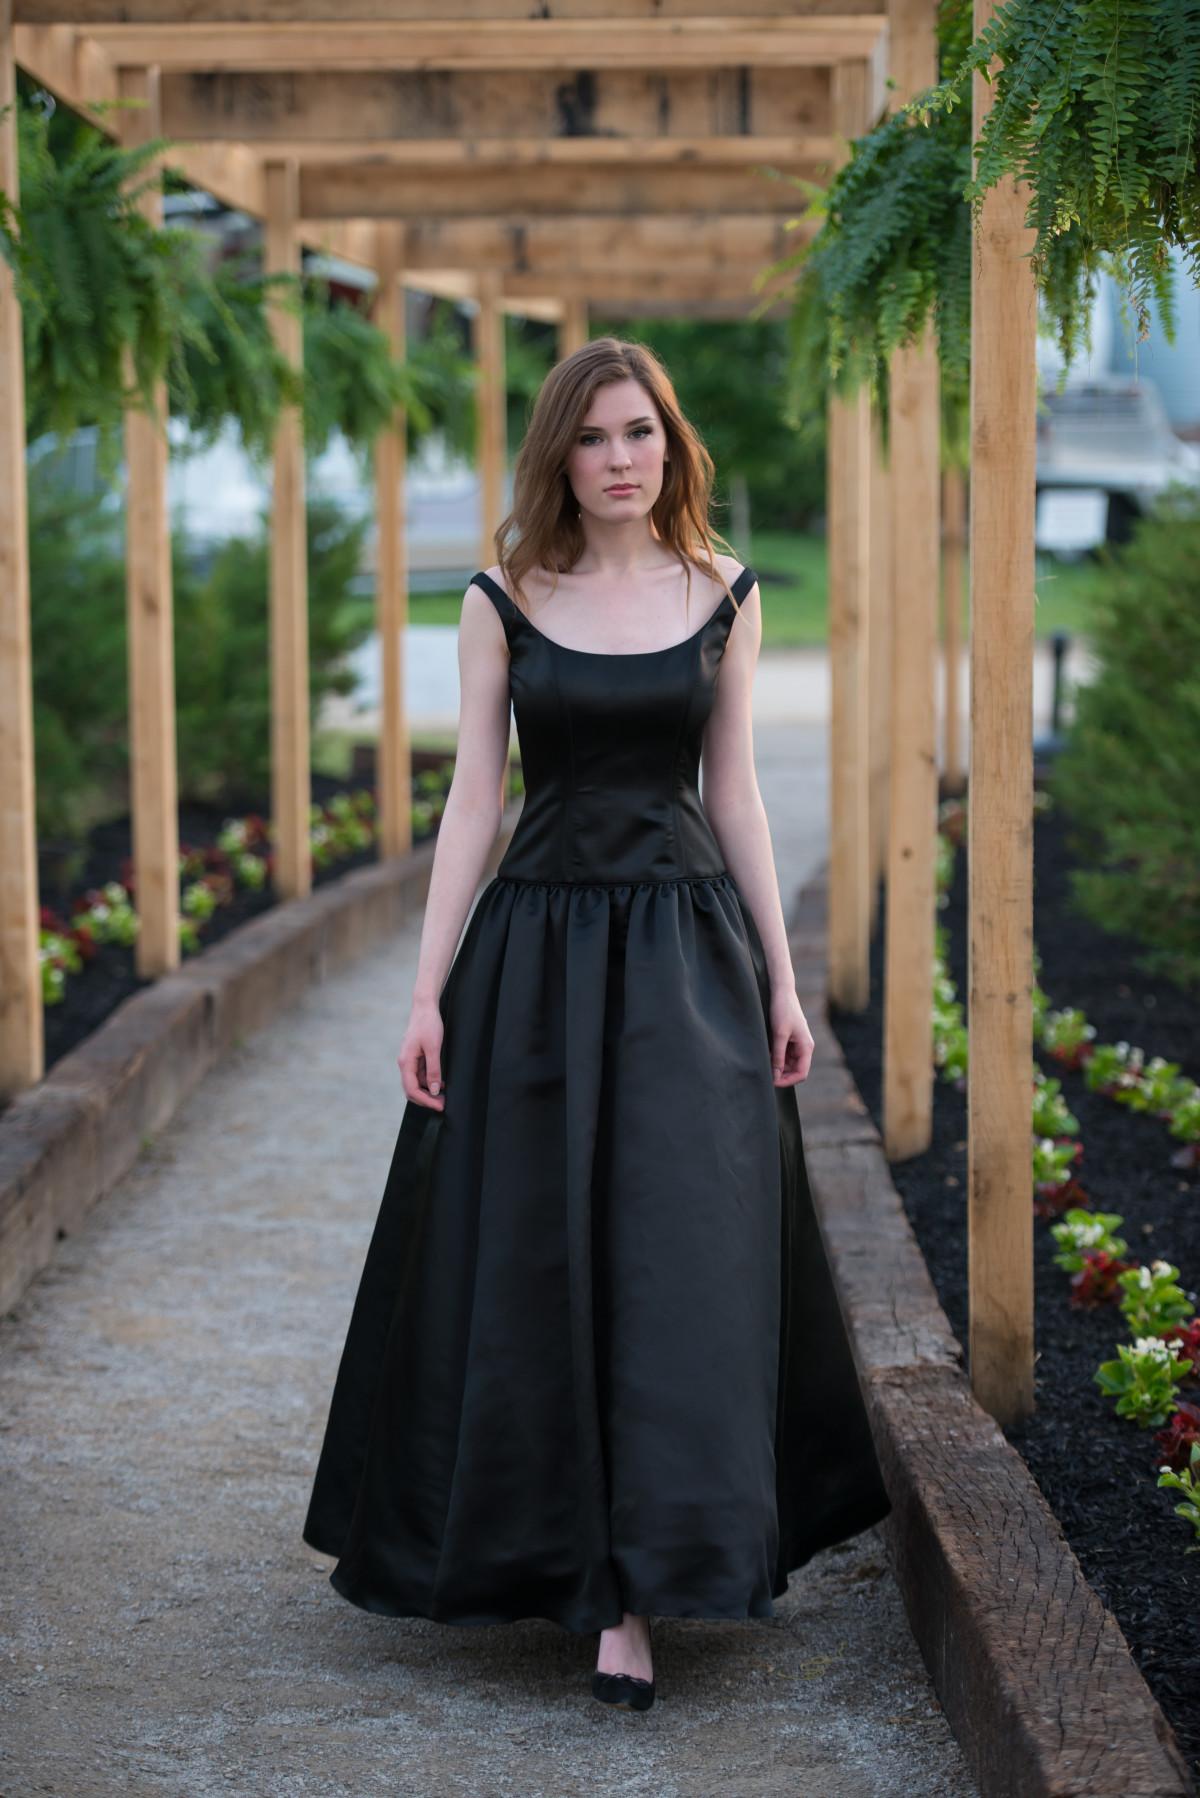 Anna B Couture Black Ball Gown - AnnaB Inc. : AnnaB Inc.